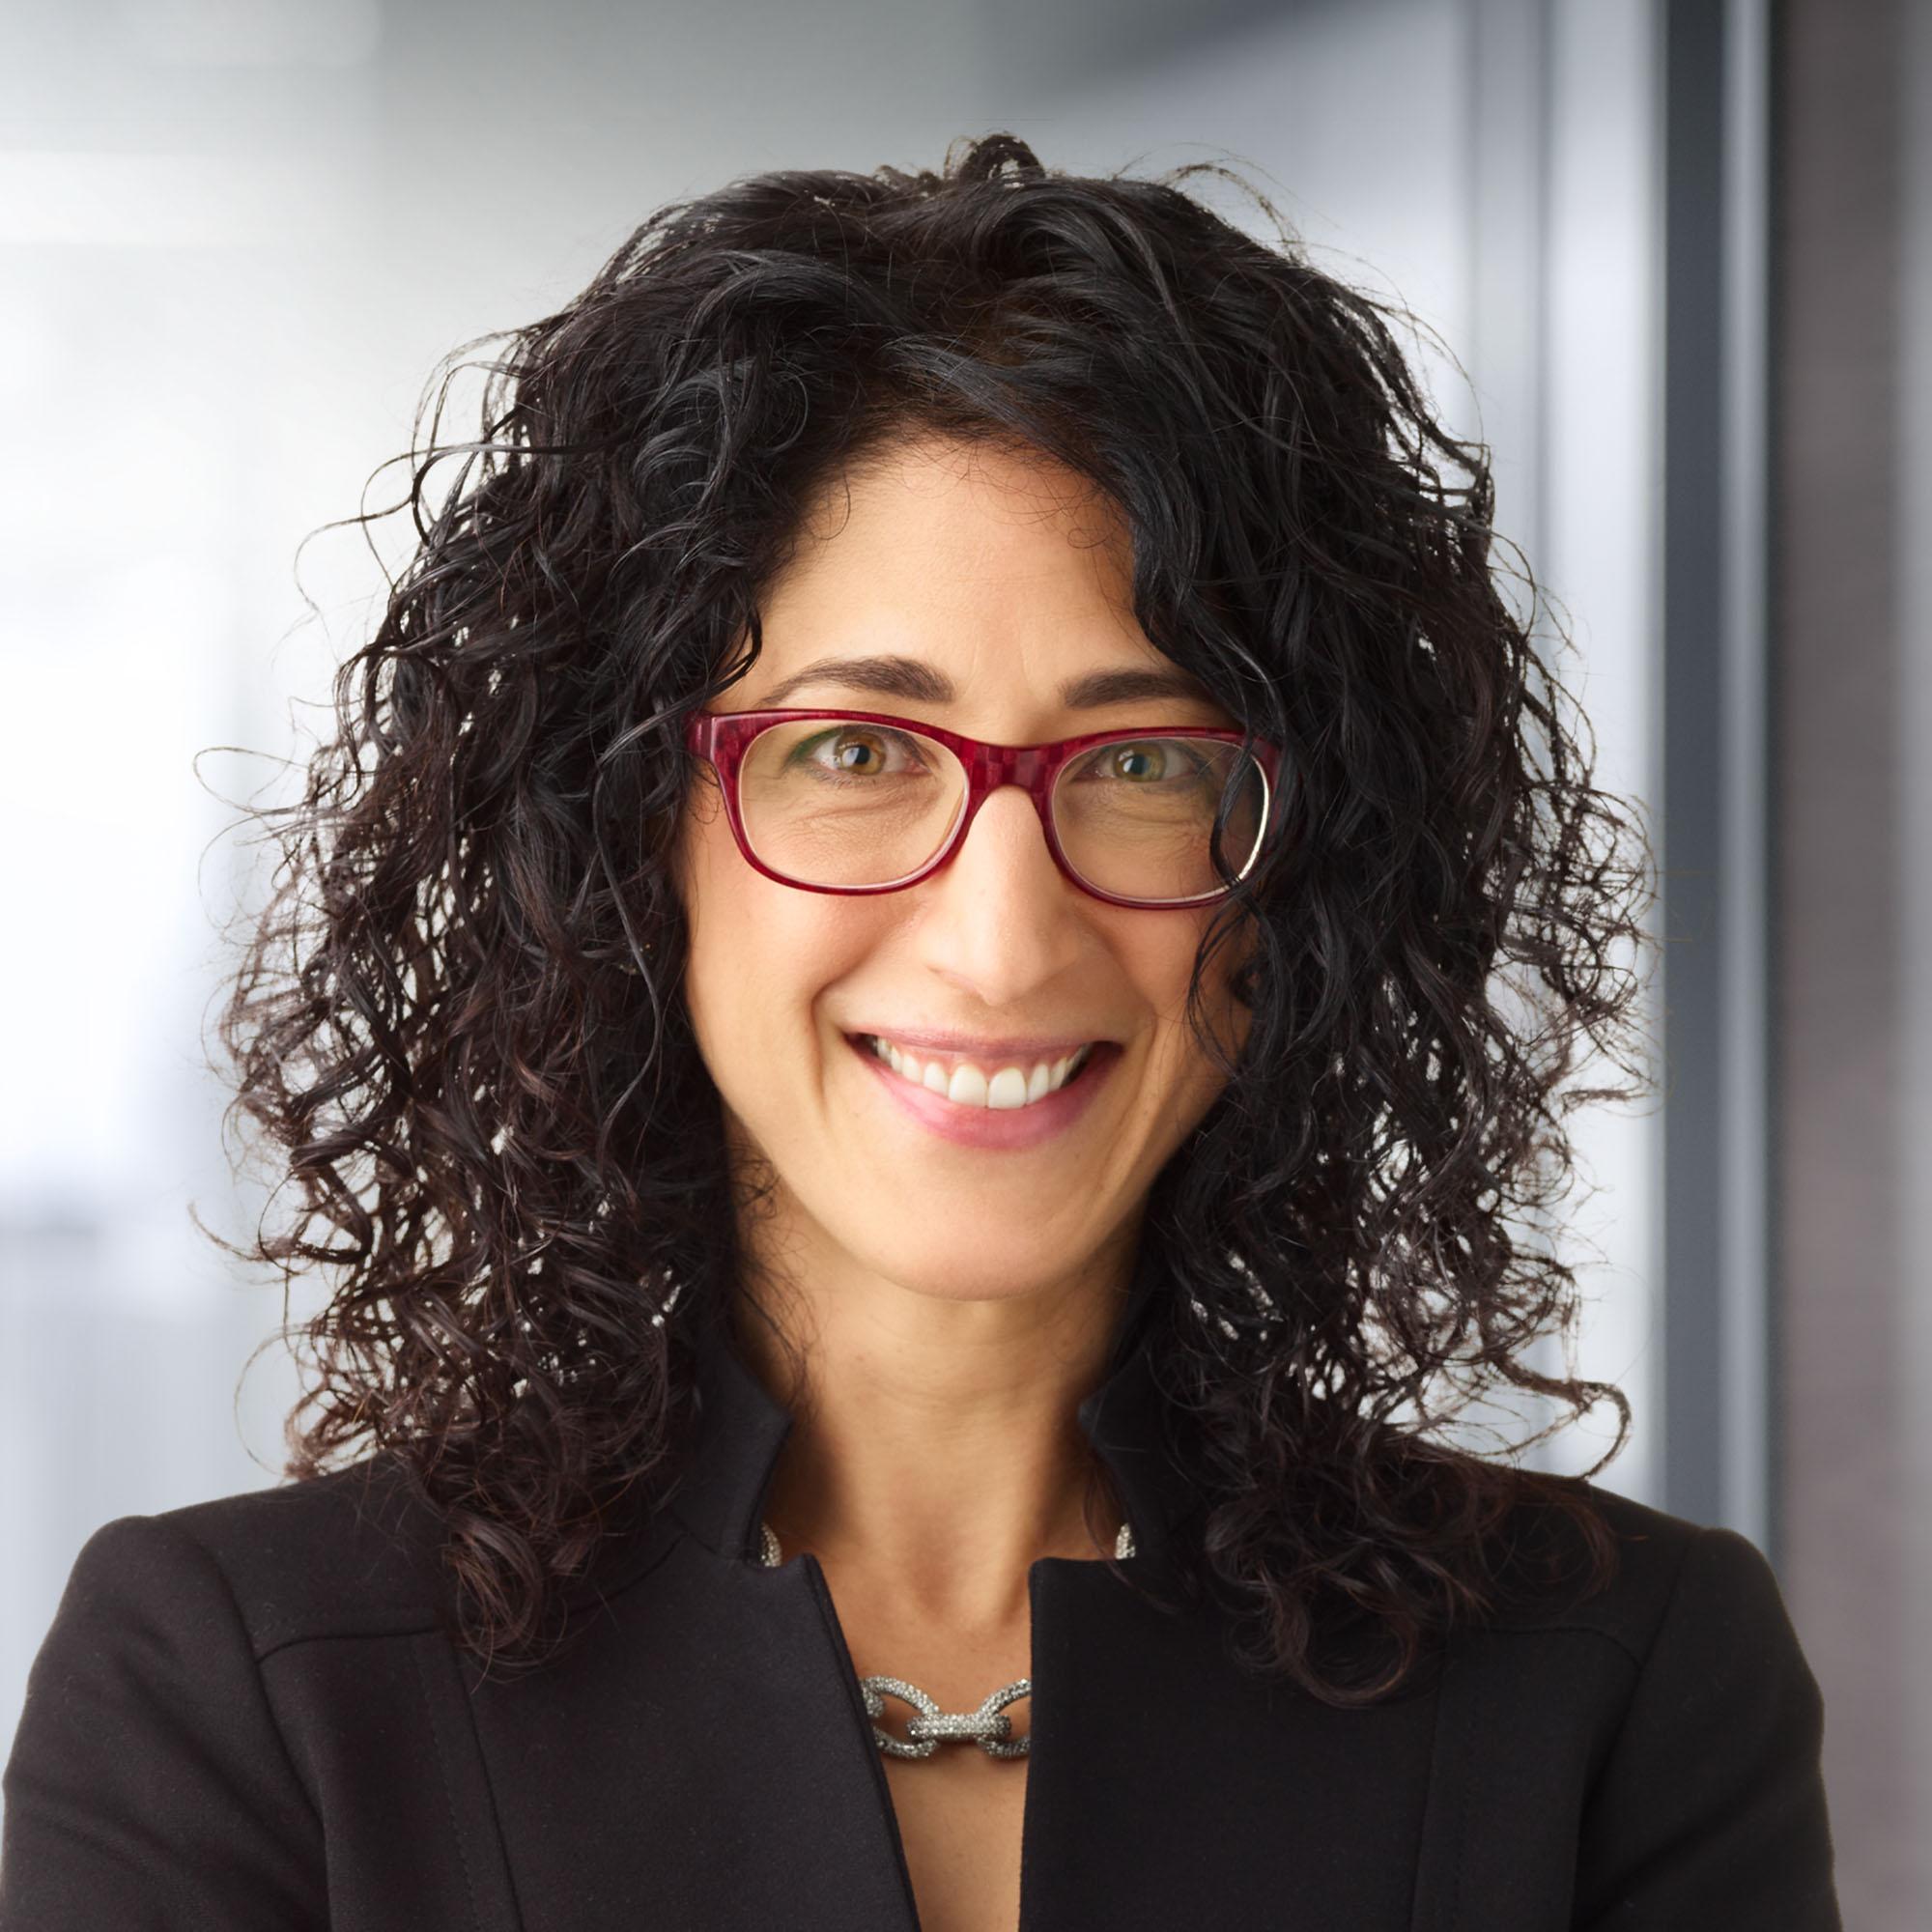 Sara Zborovski